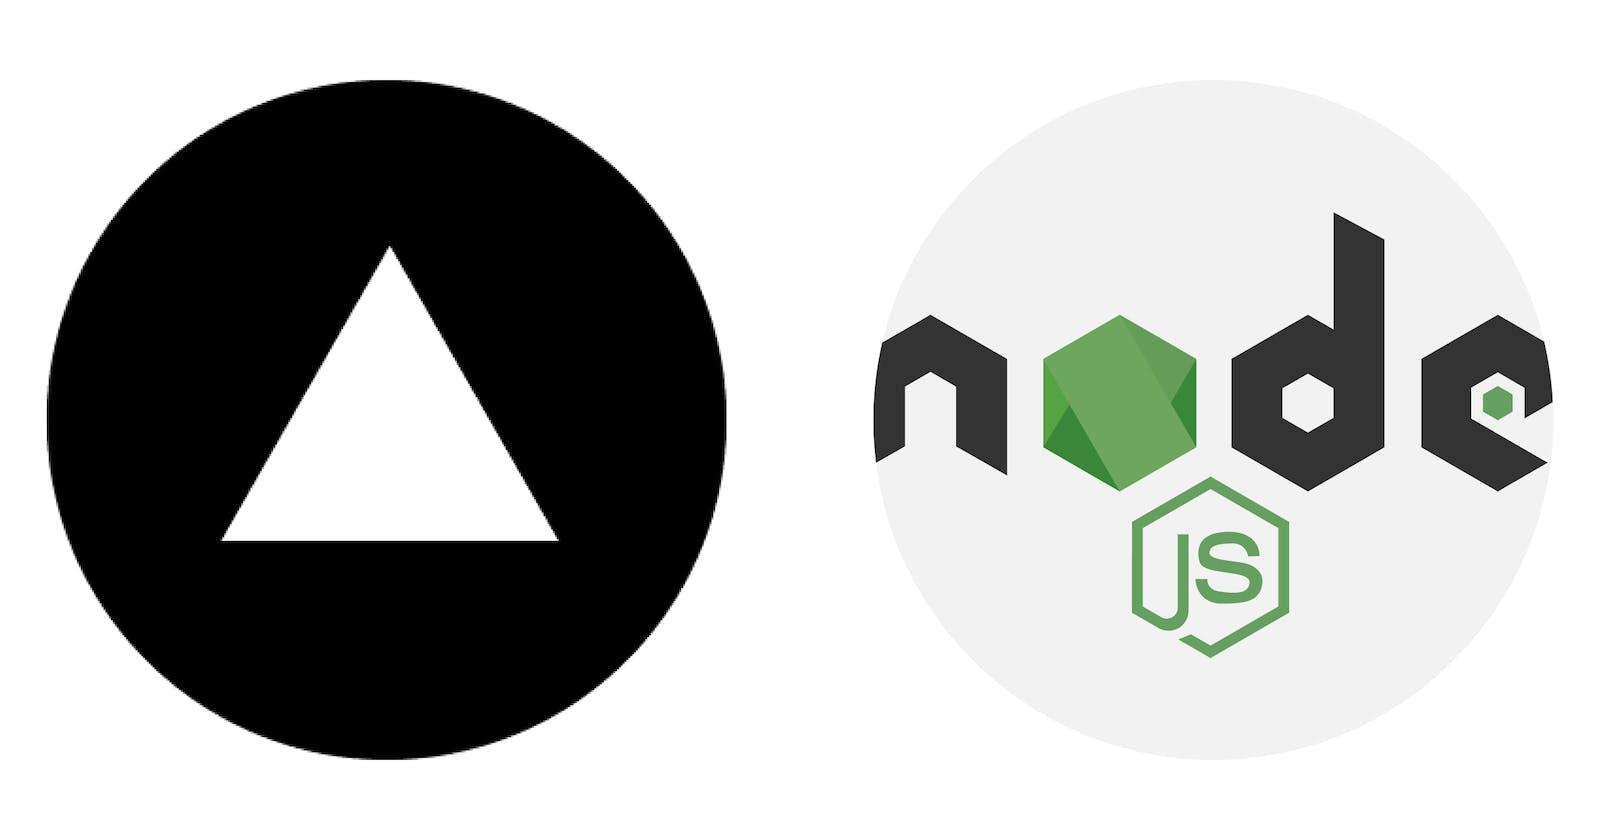 Deploy a node server to Vercel!